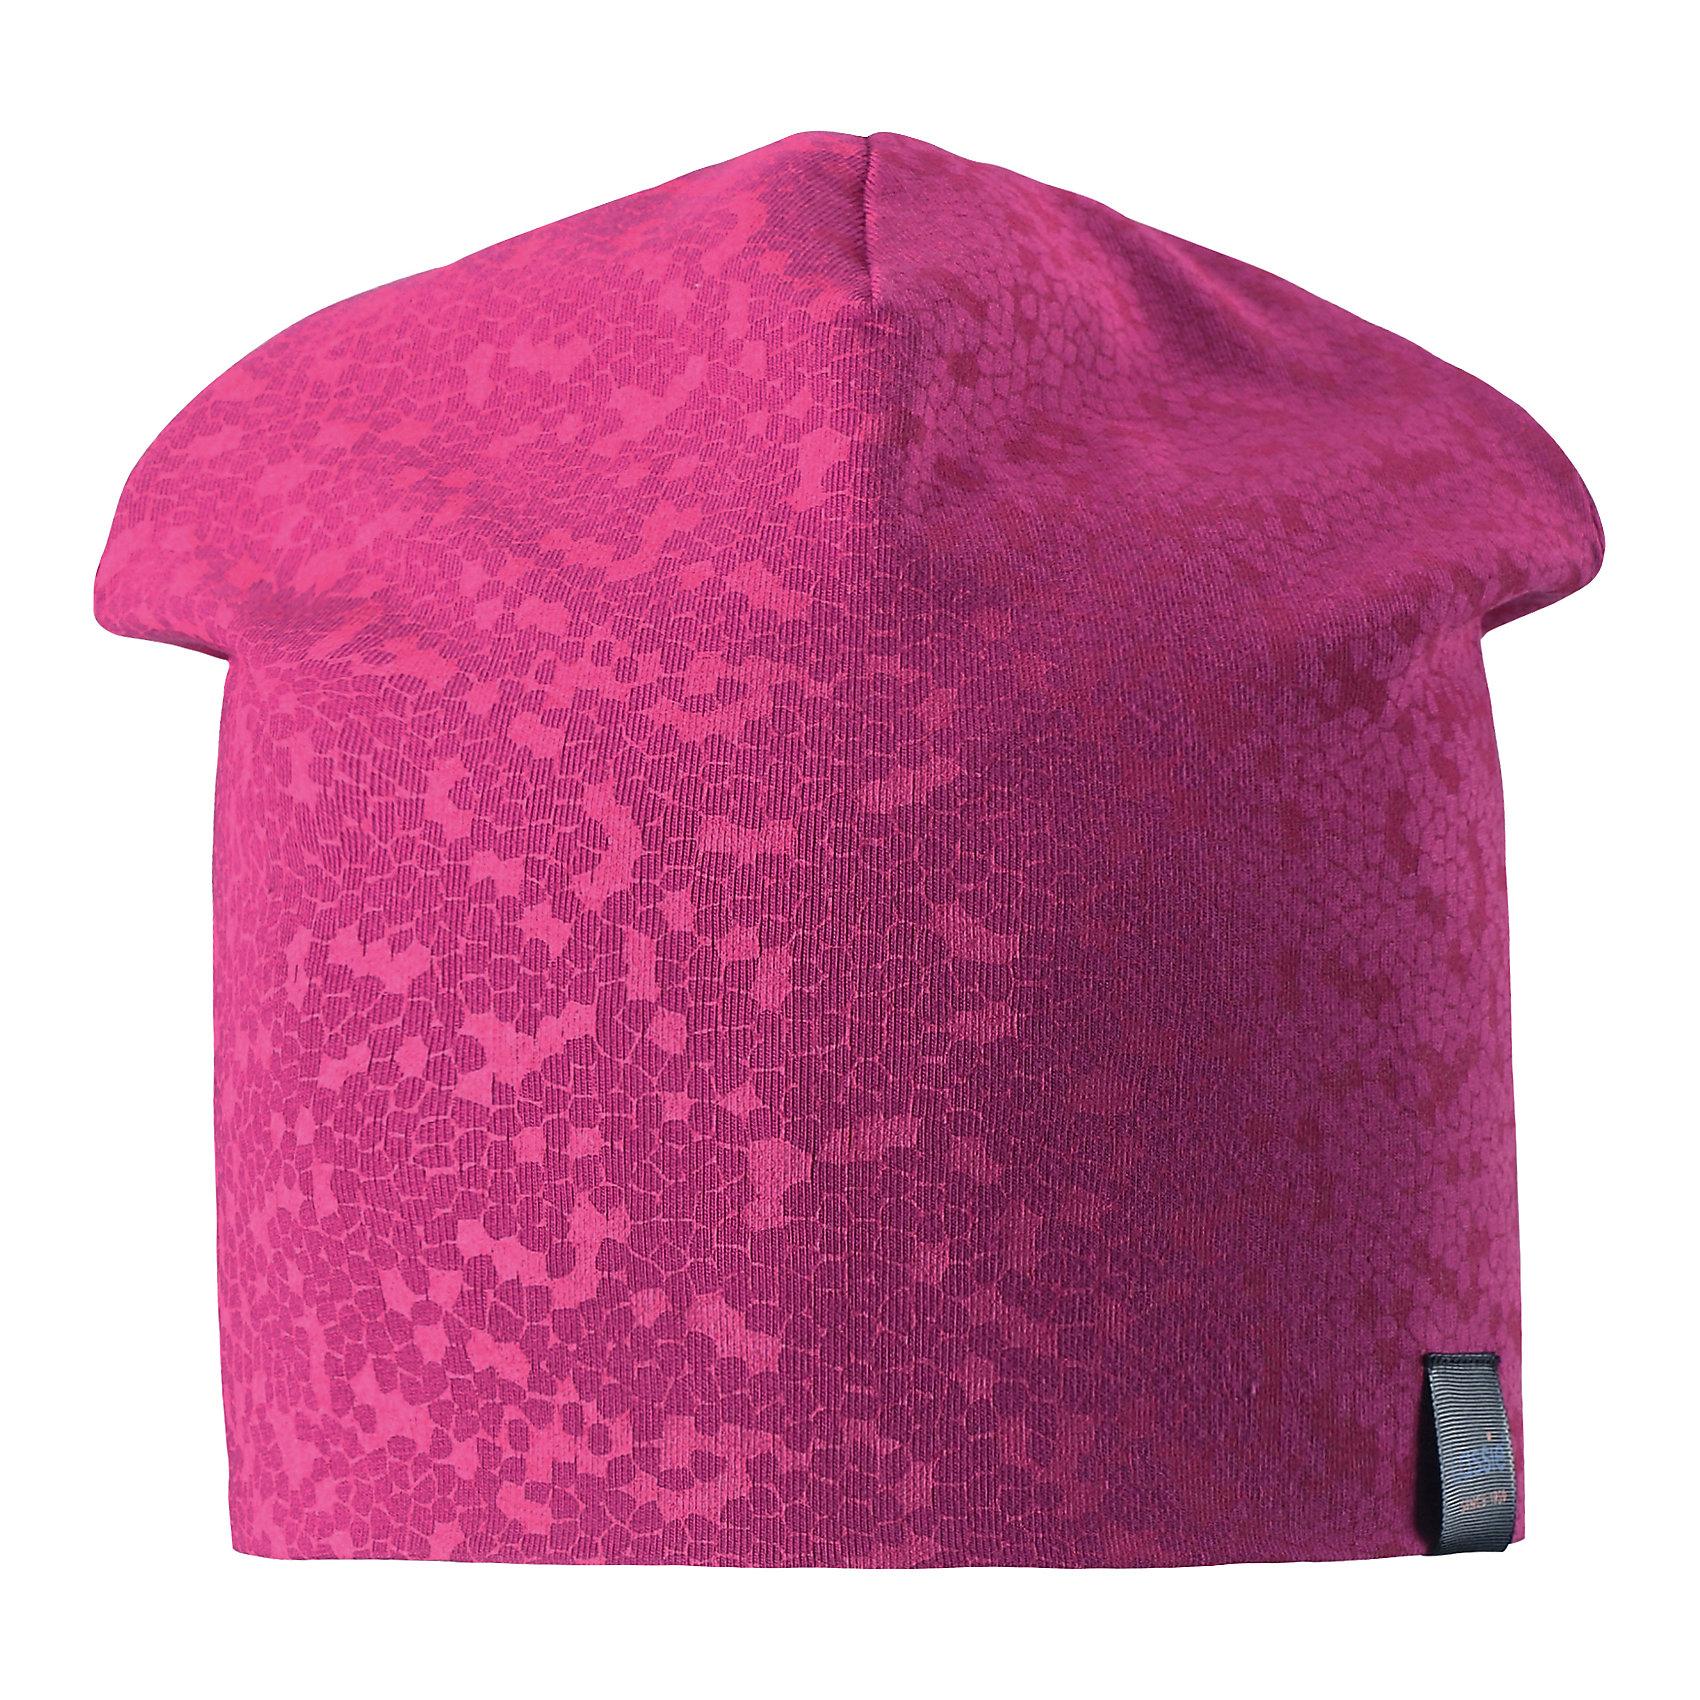 Шапка LASSIEШапки и шарфы<br>Характеристики товара:<br><br>• цвет: розовый<br>• температурный режим: от +15°до +5°С<br>• состав: 97% хлопок, 3% эластан<br>• эластичный материал<br>• мягкая сплошная подкладка: смесь хлопка jersey<br>• ветронепроницаемые вставки в области ушей<br>• принт<br>• комфортная посадка<br>• страна производства: Китай<br>• страна бренда: Финляндия<br>• коллекция: весна-лето 2017<br><br>Детский головной убор может быть модным и удобным одновременно! Стильная шапка поможет обеспечить ребенку комфорт и дополнить наряд. Она отлично смотрится с различной одеждой. Шапка удобно сидит и аккуратно выглядит. Проста в уходе, долго служит. Продуманный крой разрабатывался специально для детей.<br><br>Обувь и одежда от финского бренда LASSIE пользуются популярностью во многих странах. Они стильные, качественные и удобные. Для производства продукции используются только безопасные, проверенные материалы и фурнитура. Порадуйте ребенка модными и красивыми вещами от Lassie®! <br><br>Шапку от финского бренда LASSIE можно купить в нашем интернет-магазине.<br><br>Ширина мм: 89<br>Глубина мм: 117<br>Высота мм: 44<br>Вес г: 155<br>Цвет: розовый<br>Возраст от месяцев: 72<br>Возраст до месяцев: 120<br>Пол: Унисекс<br>Возраст: Детский<br>Размер: 54-56,46-48,50-52<br>SKU: 5264227